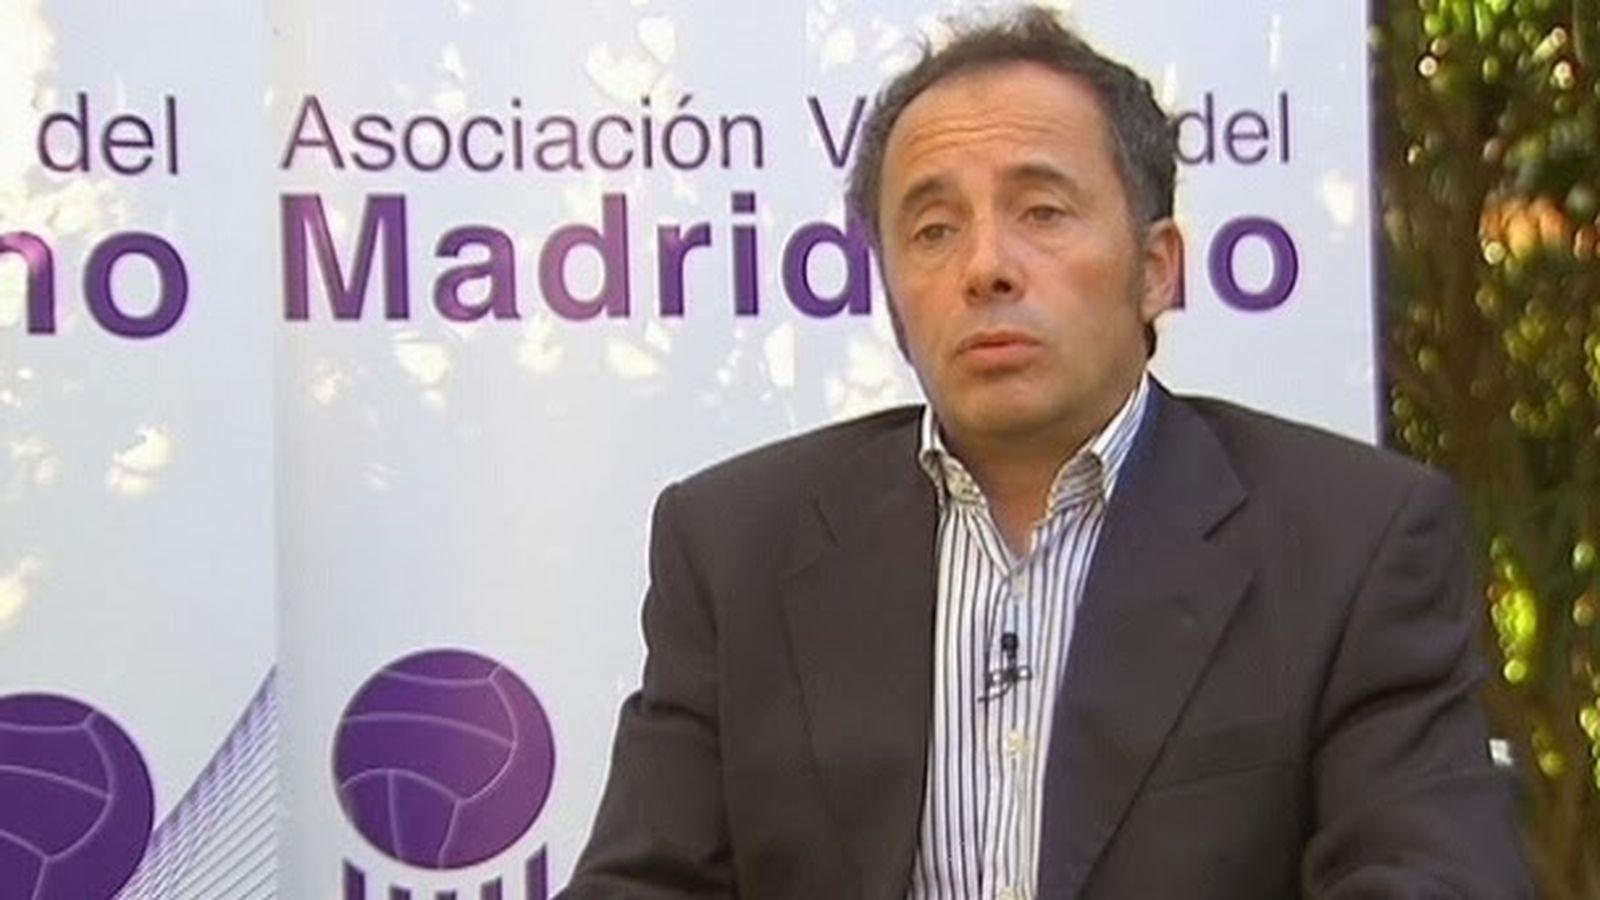 Foto: Carlos Mendoza, presidente de Valores del Madridismo